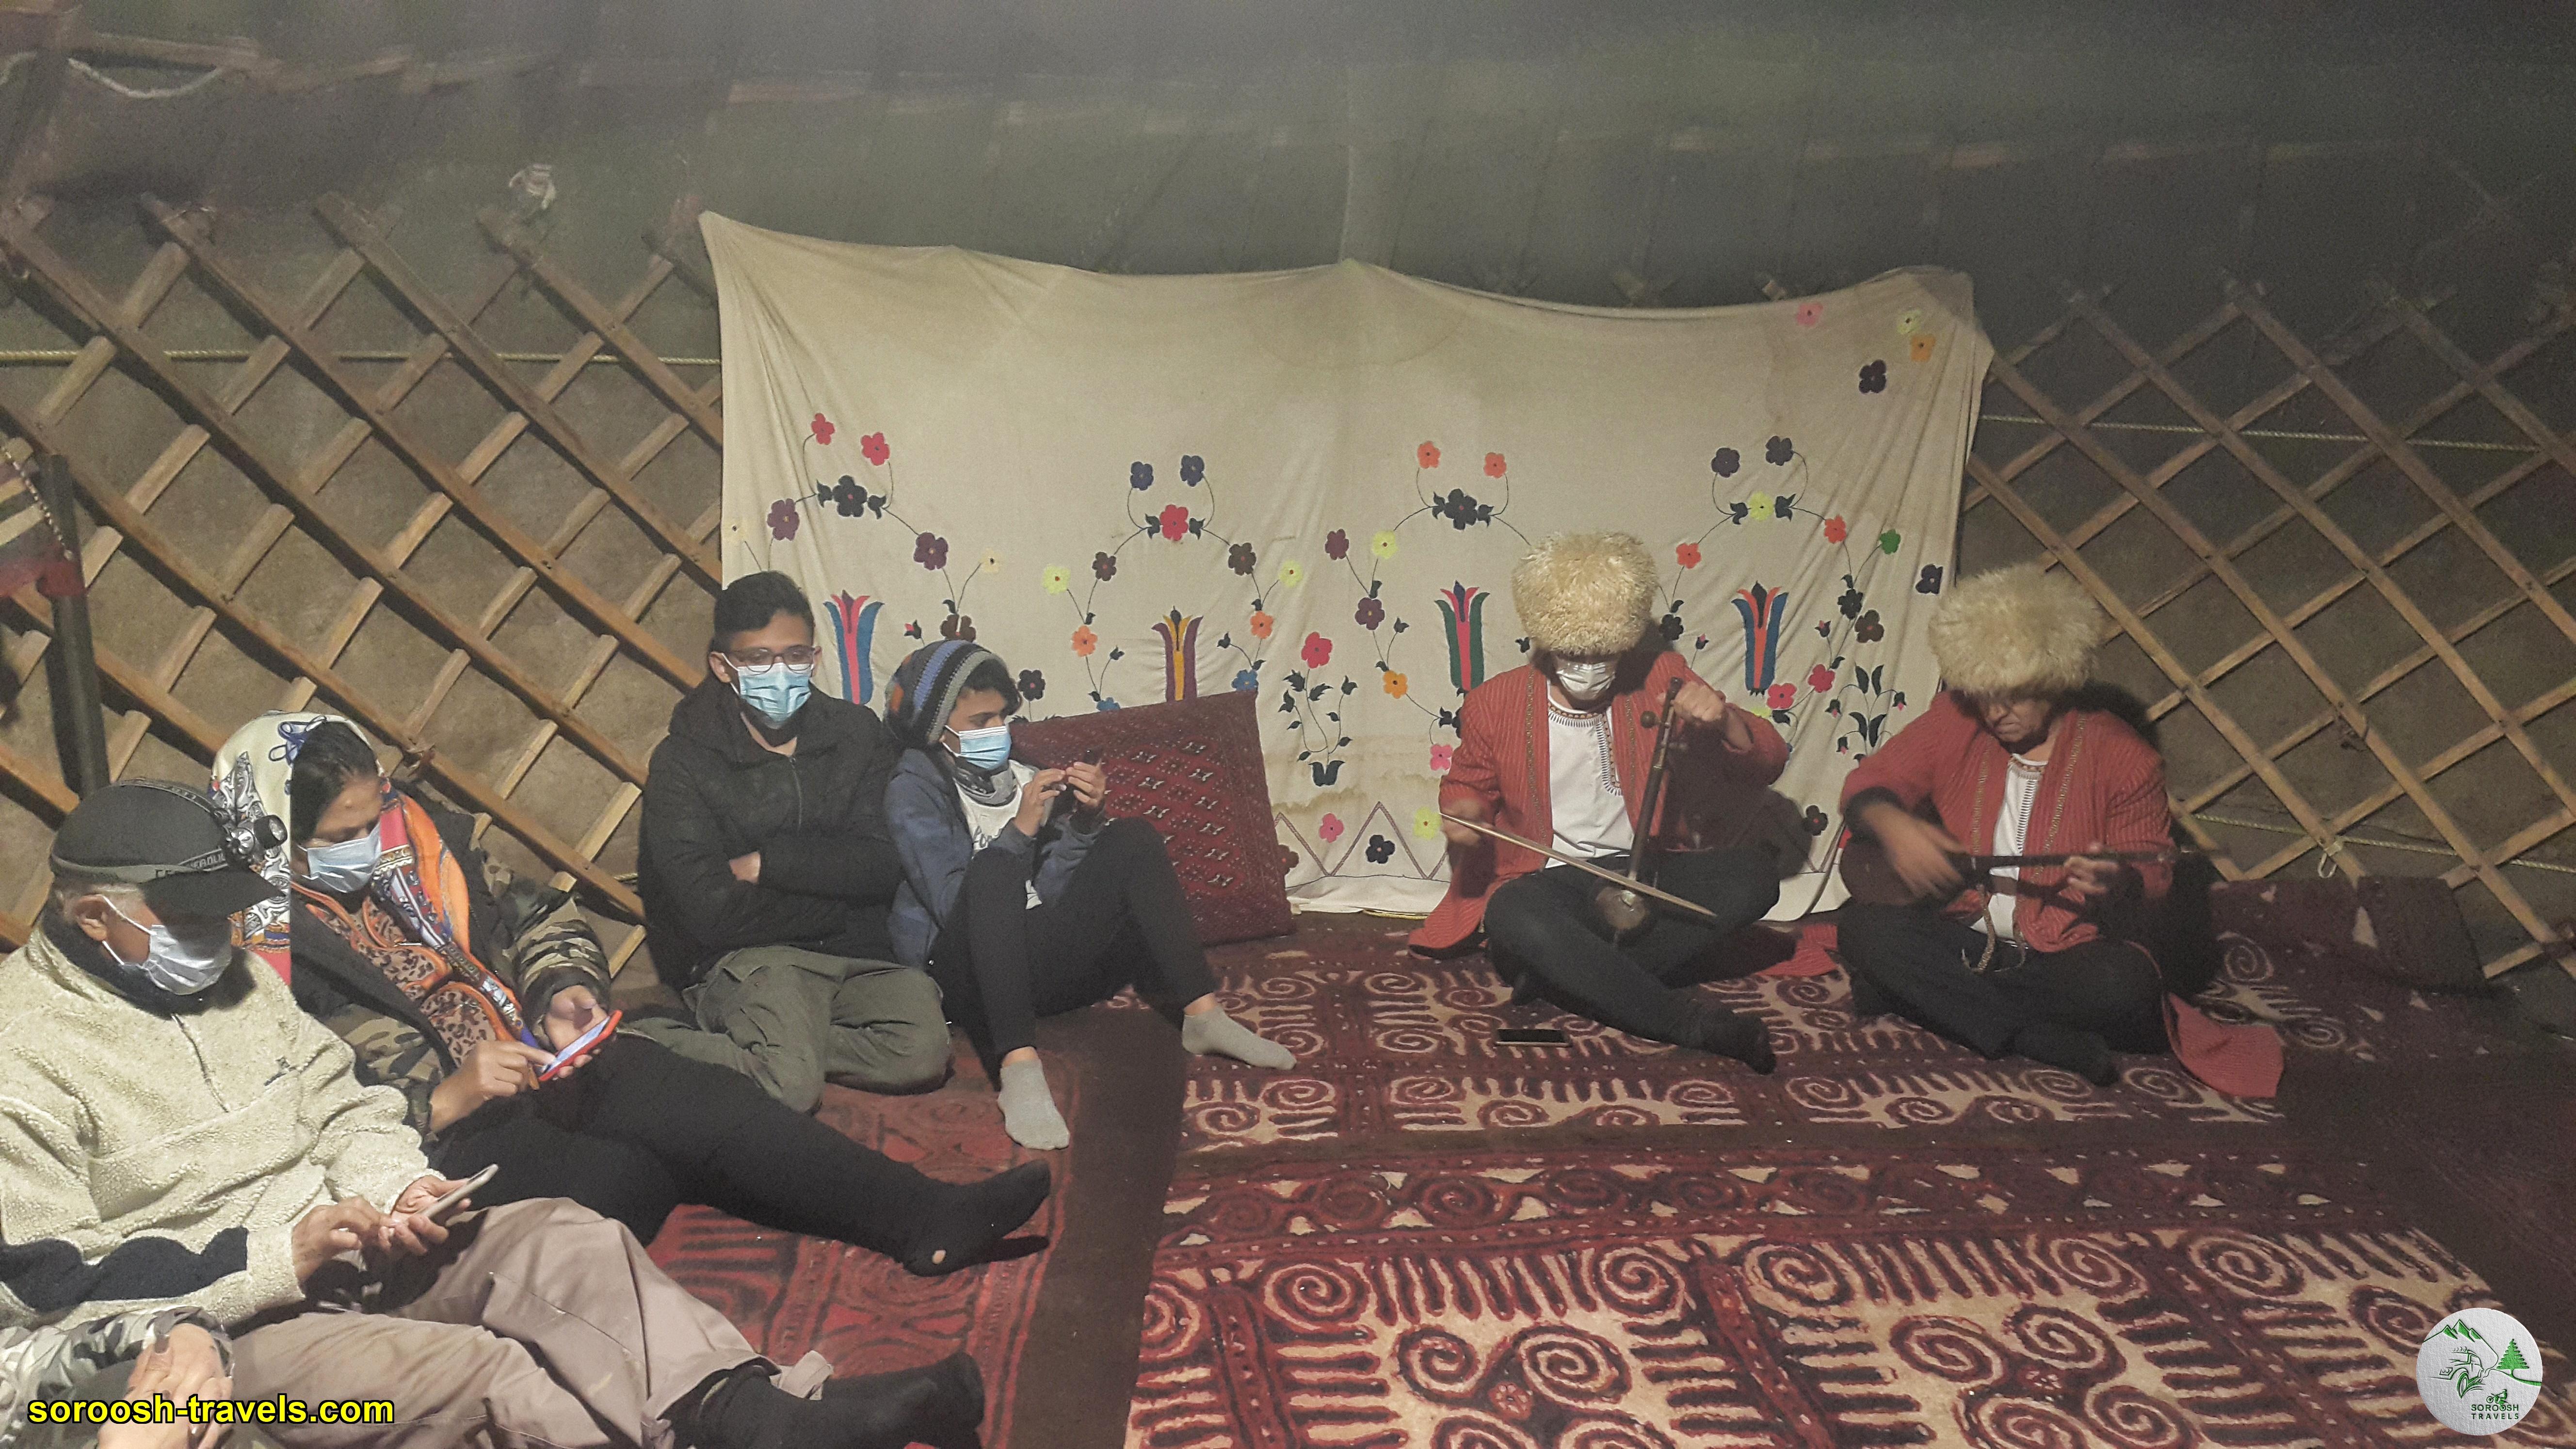 نوازنده های سنتی ترکمن در اقامتگاه بومگردی تورکمن یورت - نوروز 1400